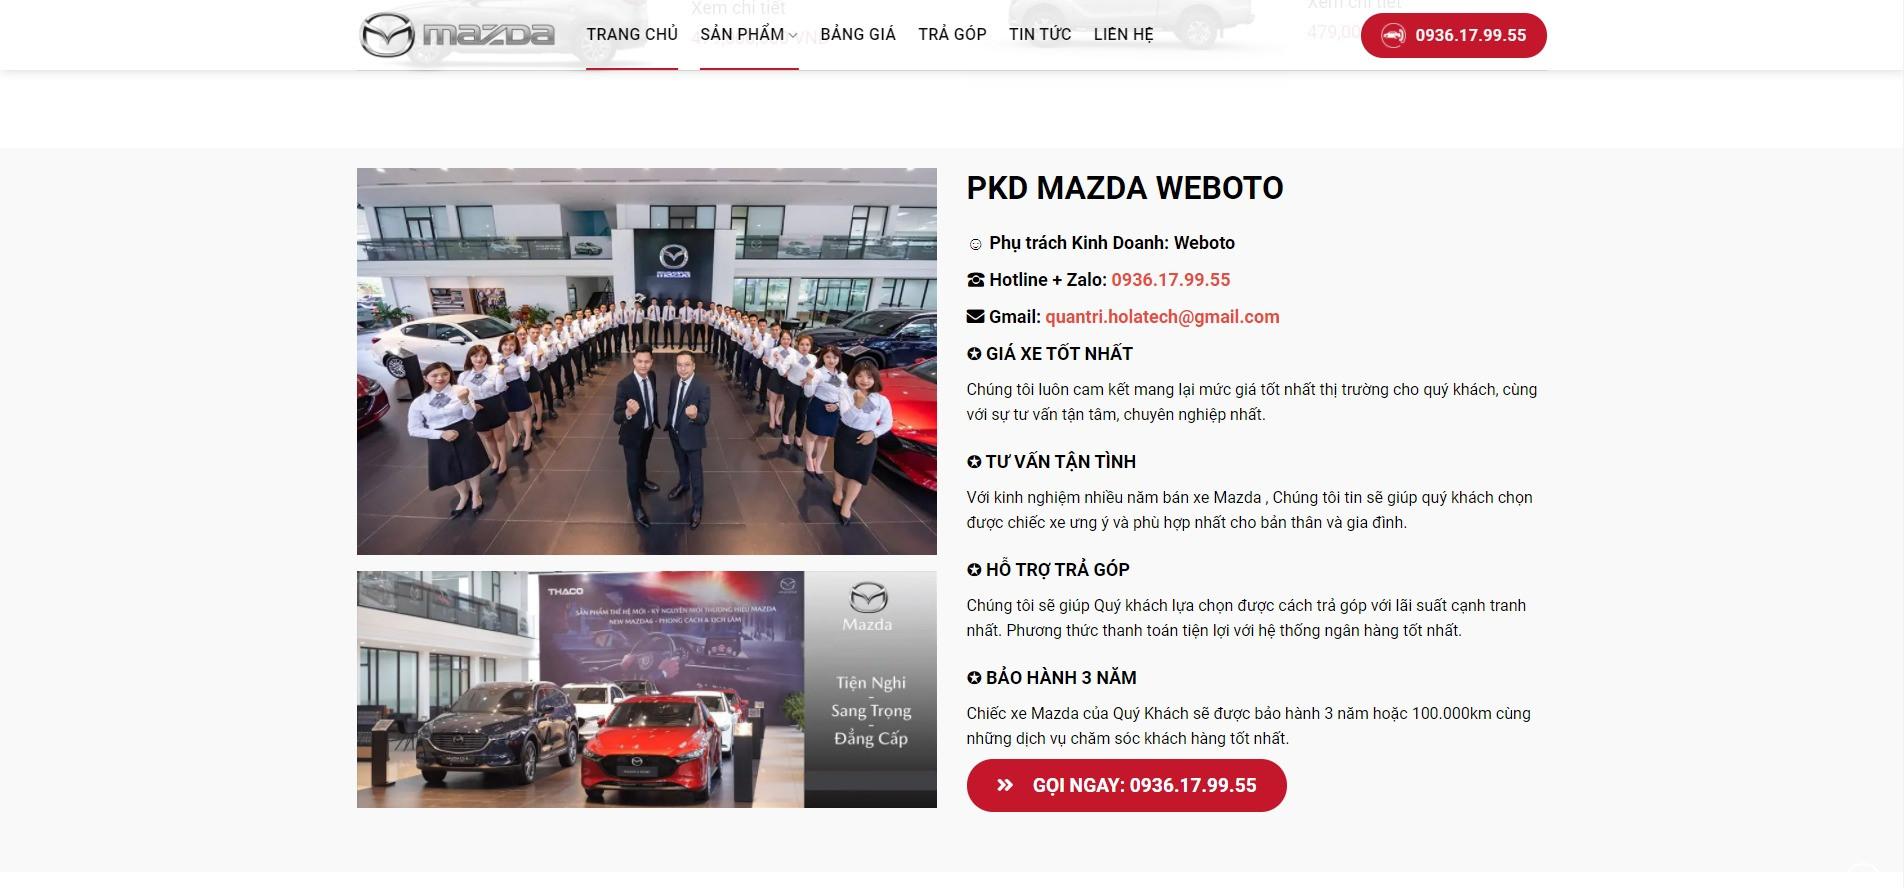 Phần giới thiệu về Website ô tô Mazda ở trang chủ